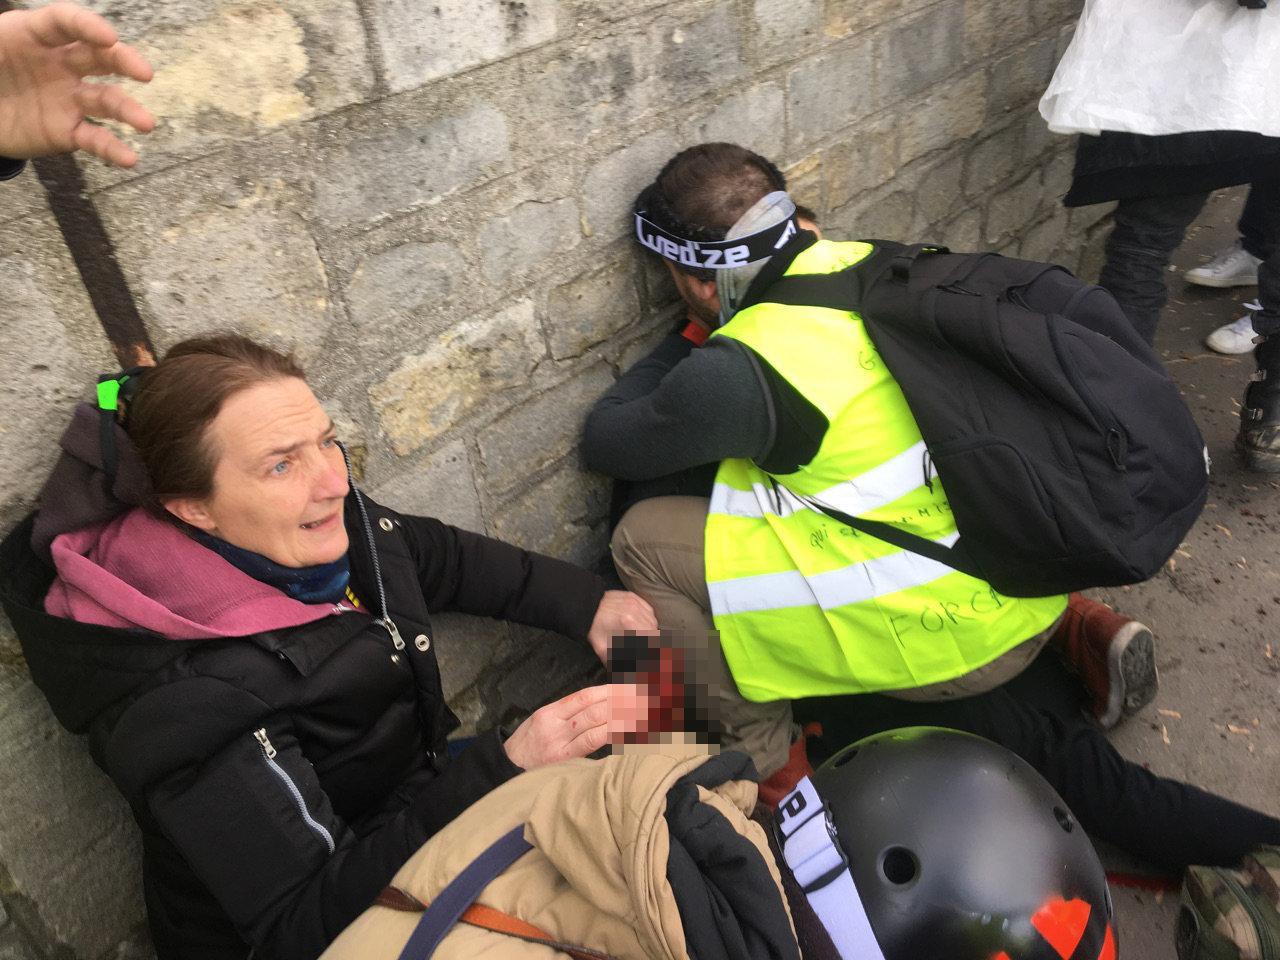 Muži utrhl ruku granát během demonstrace žlutých vest v Paříži